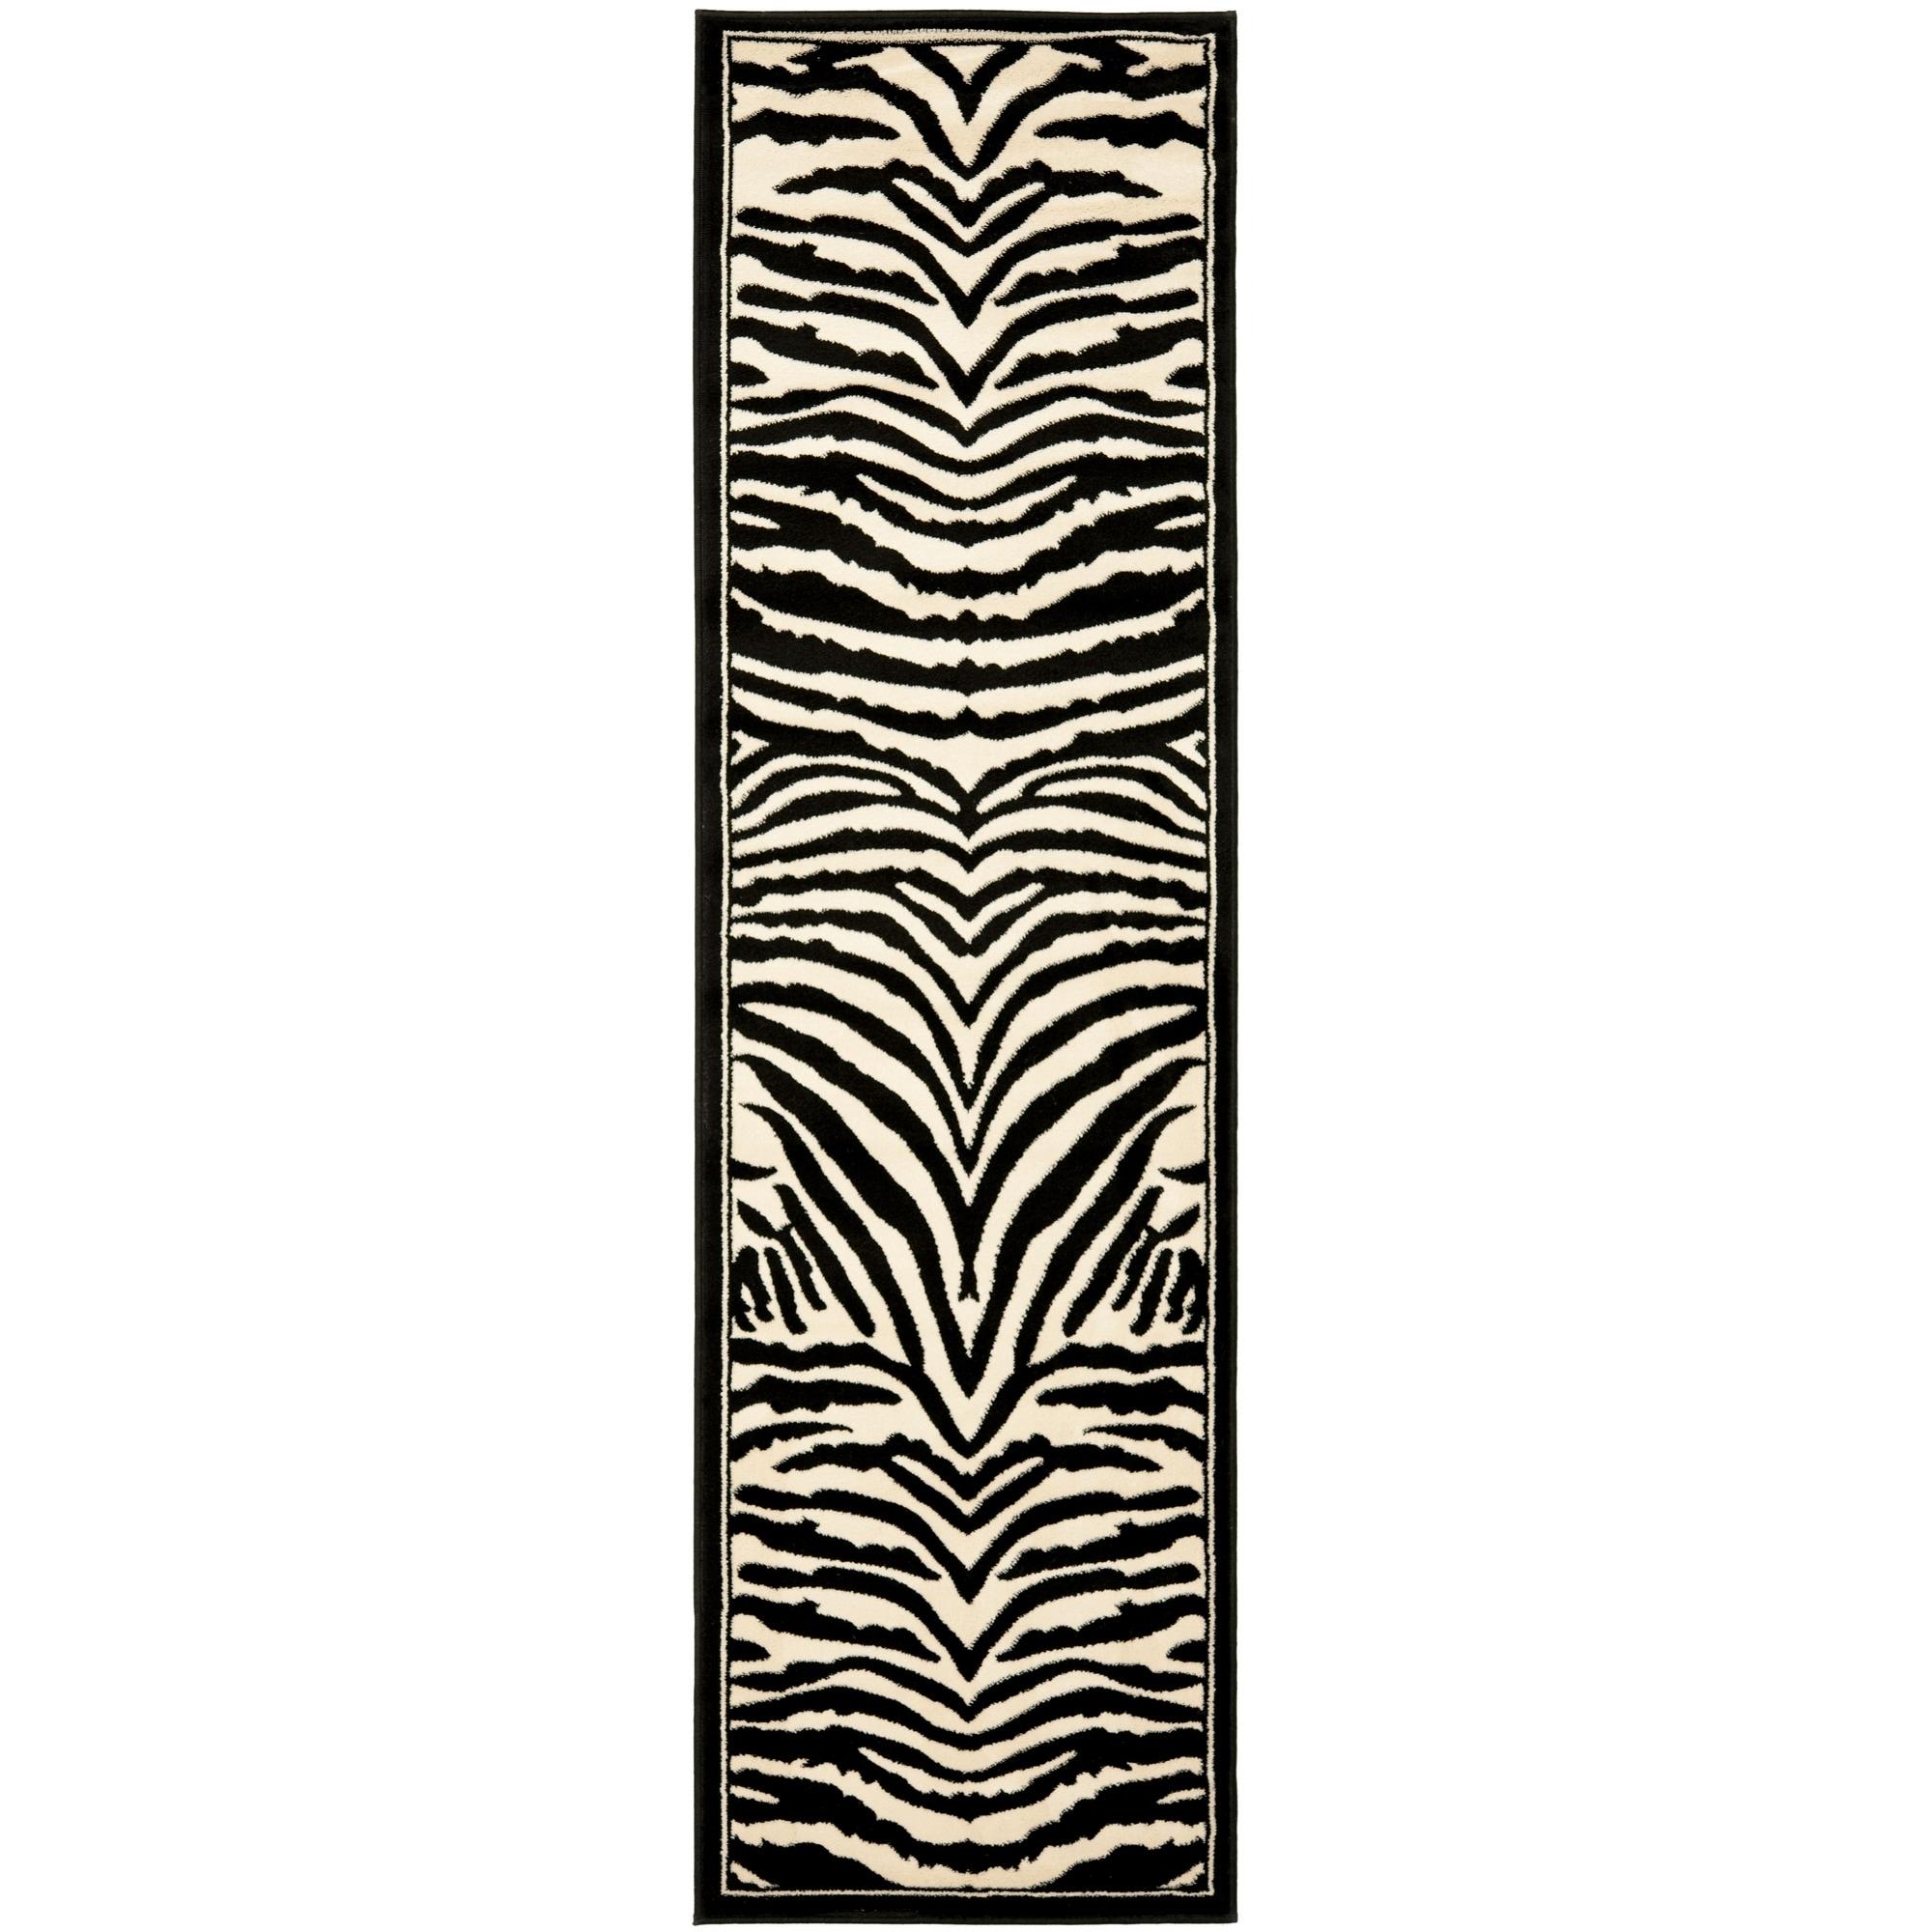 Safavieh Lyndhurst Zebra White/ Black Rug (23 X 22)